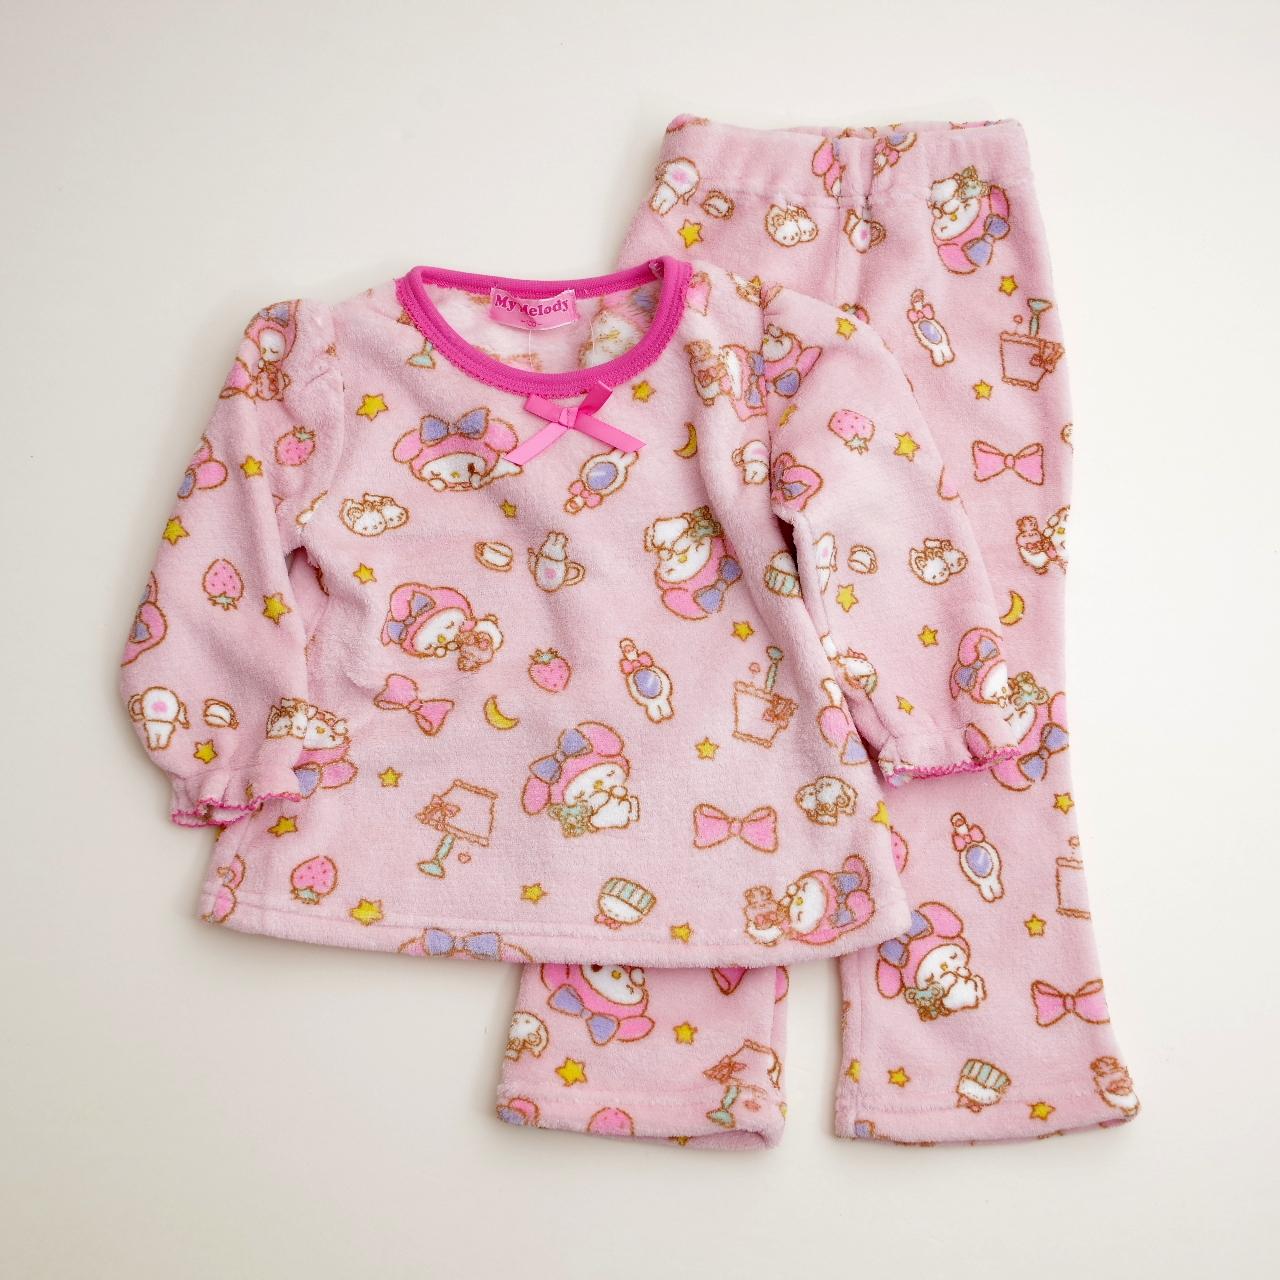 サンリオマイメロディ  もこもこ長袖パジャマ 100-130cm(734MM107113)